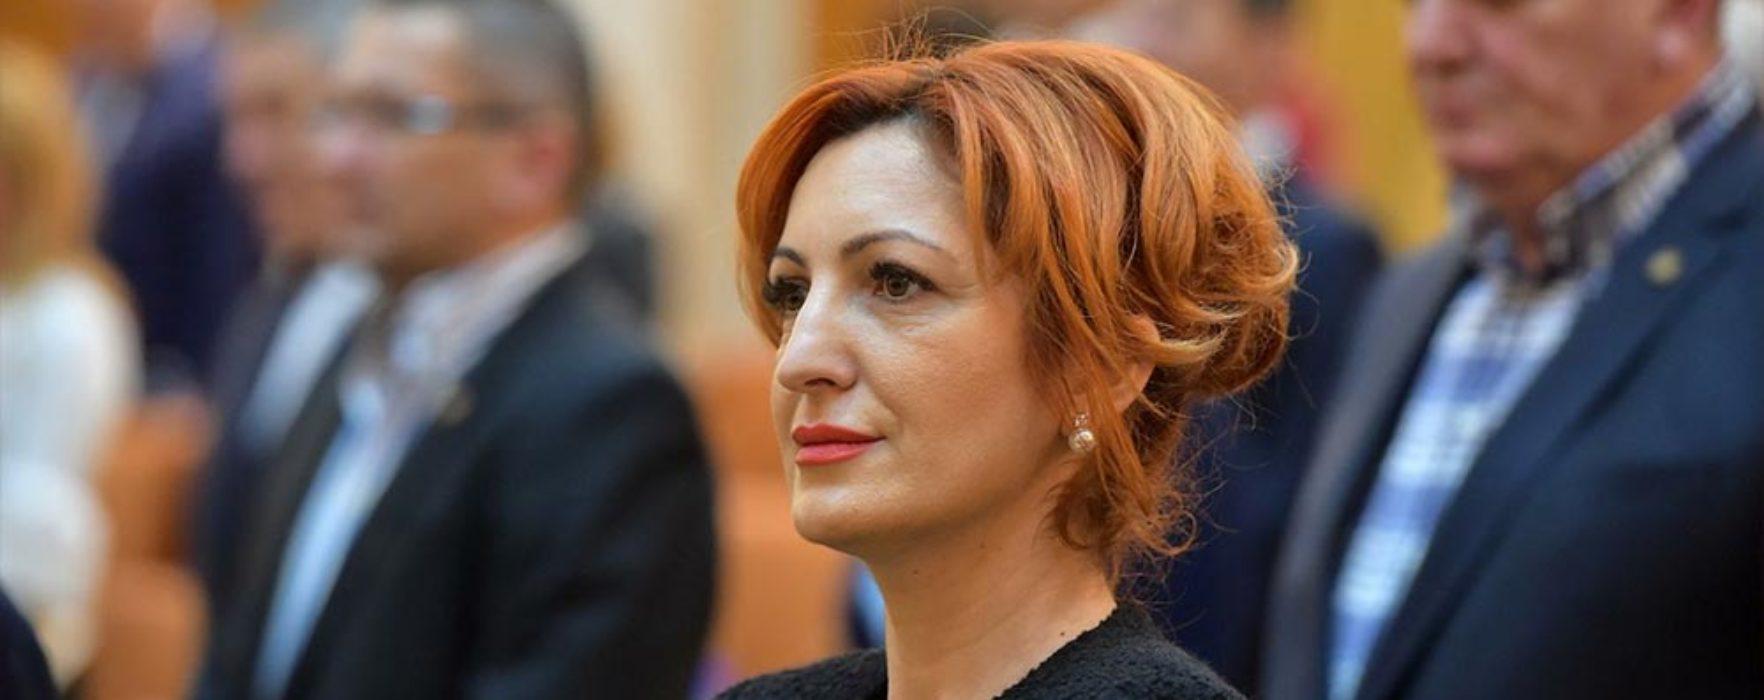 Oana Vlăducă, deputat PSD de Dâmboviţa: Susţinerea pentru Ţuţuianu este totală, demersul său va fi şi al nostru